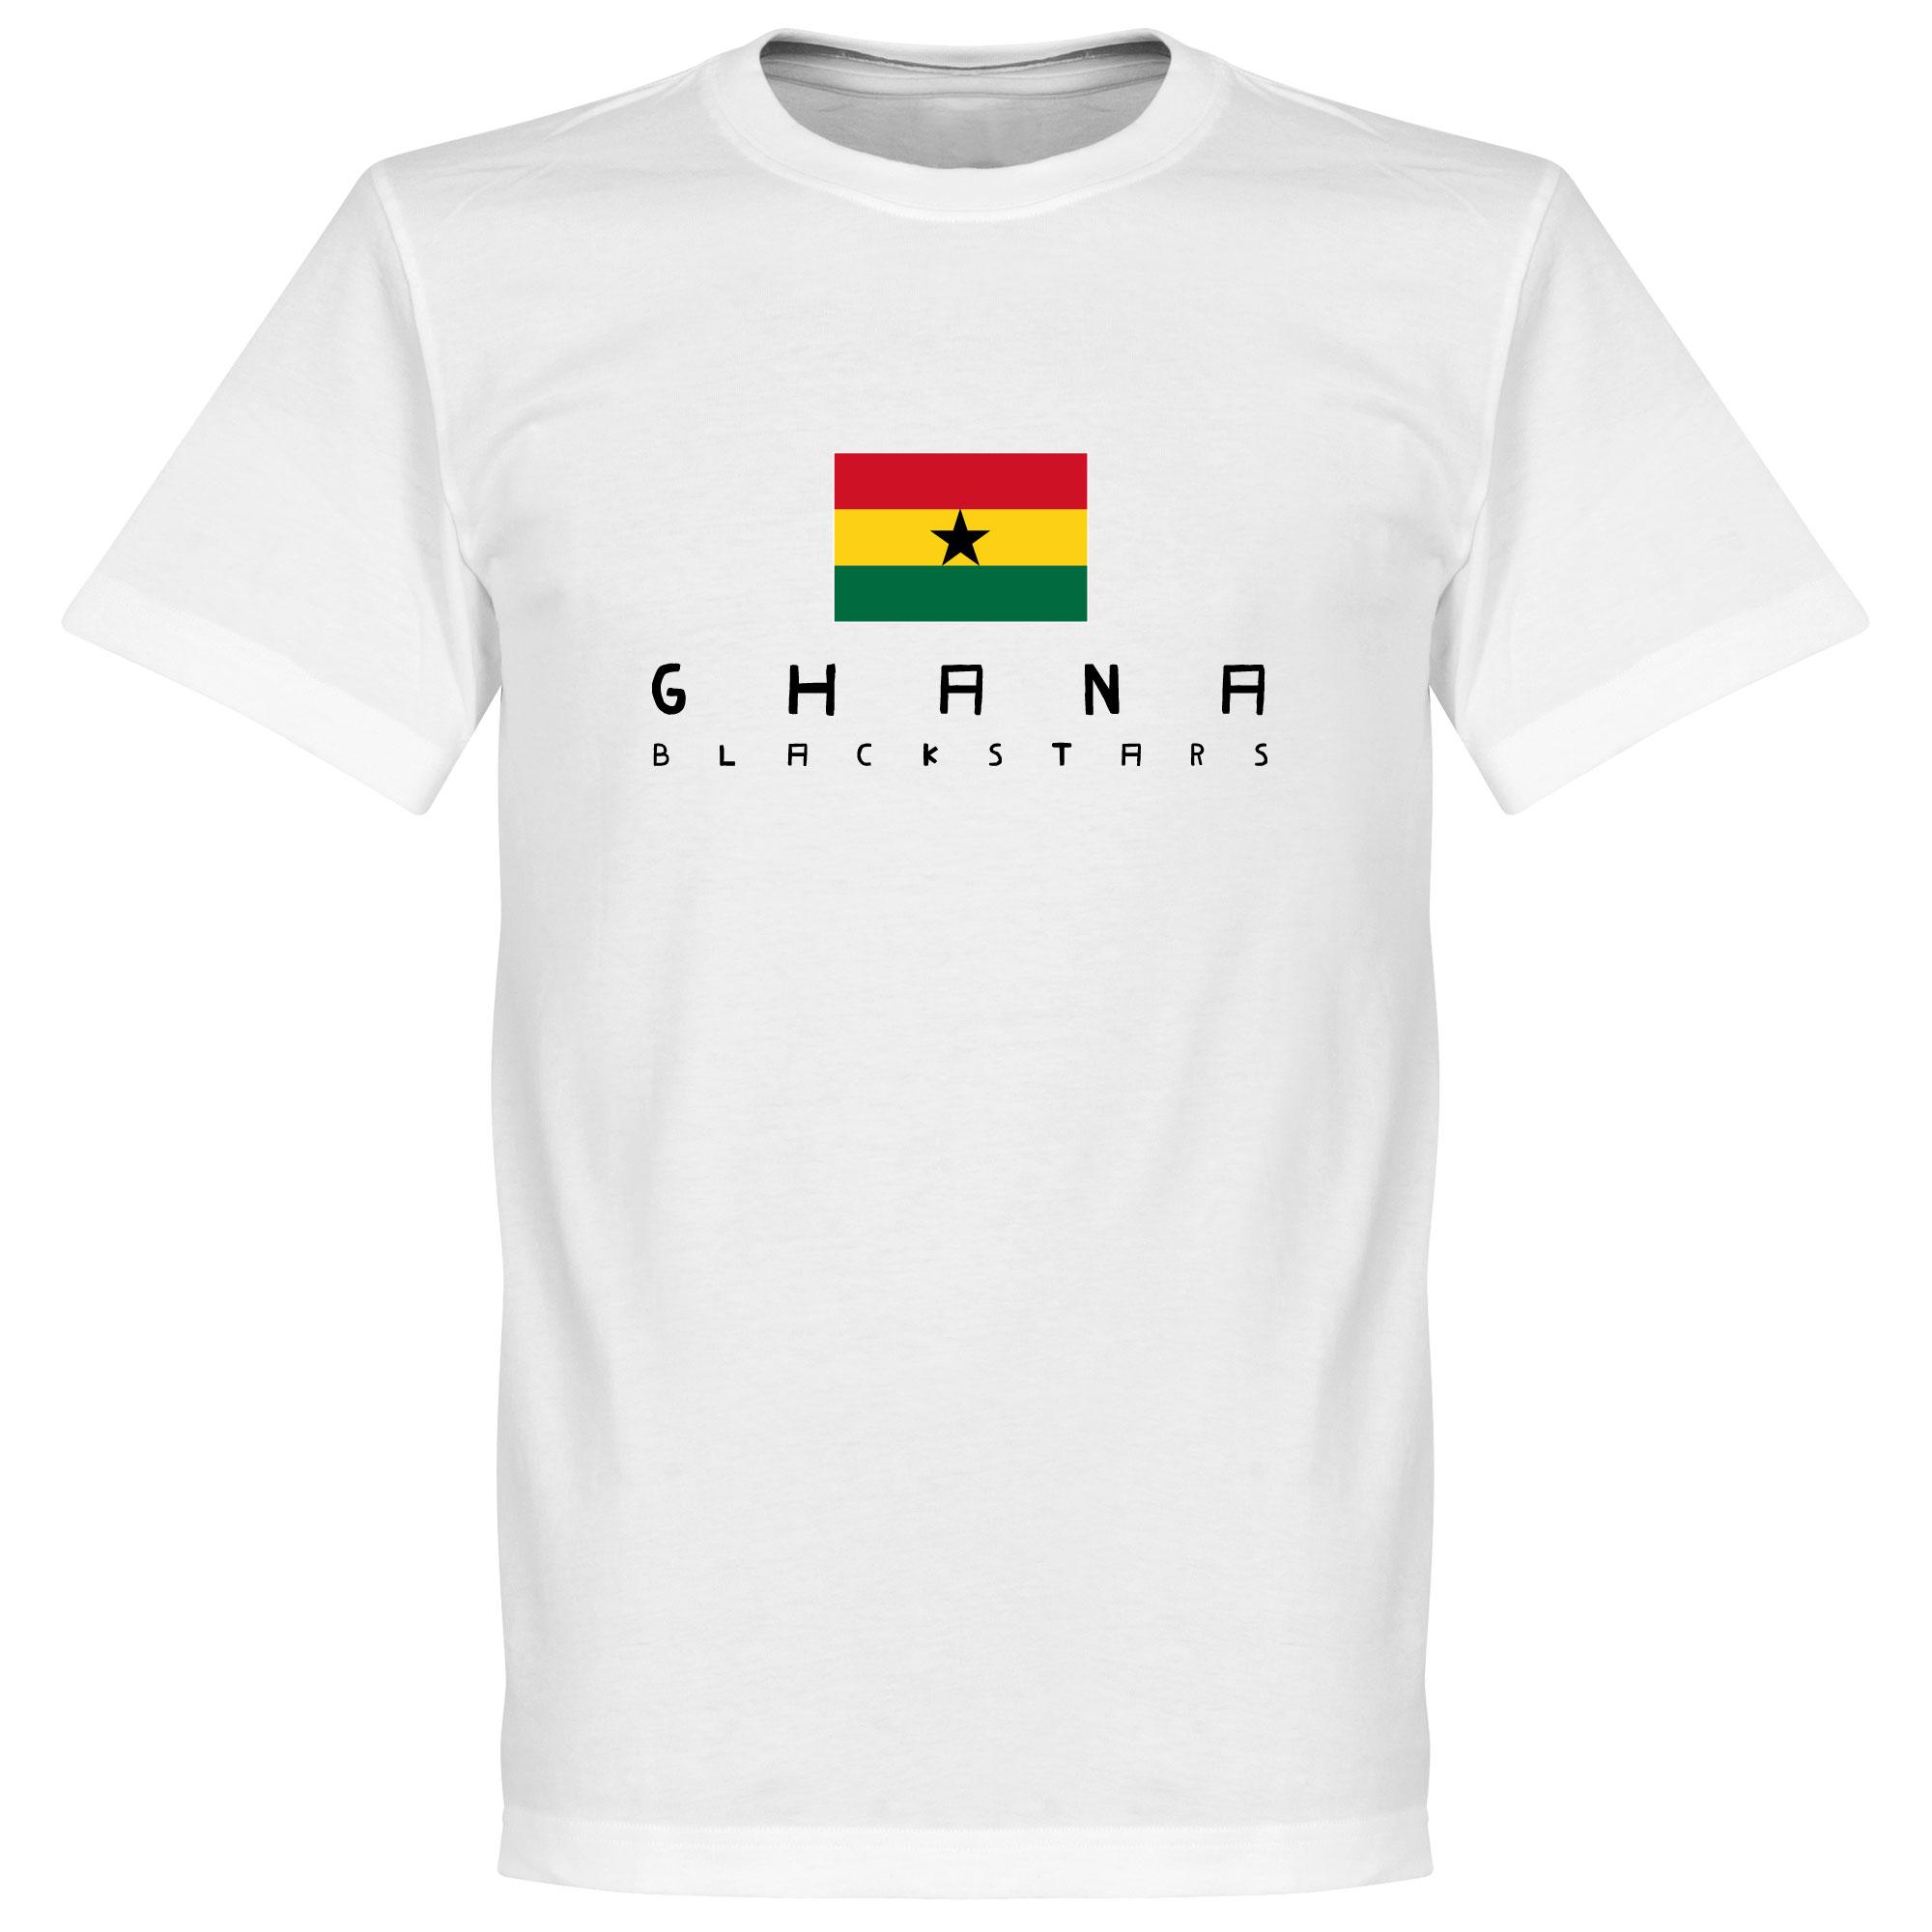 Ghana Black Stars Flag Tee - White - S